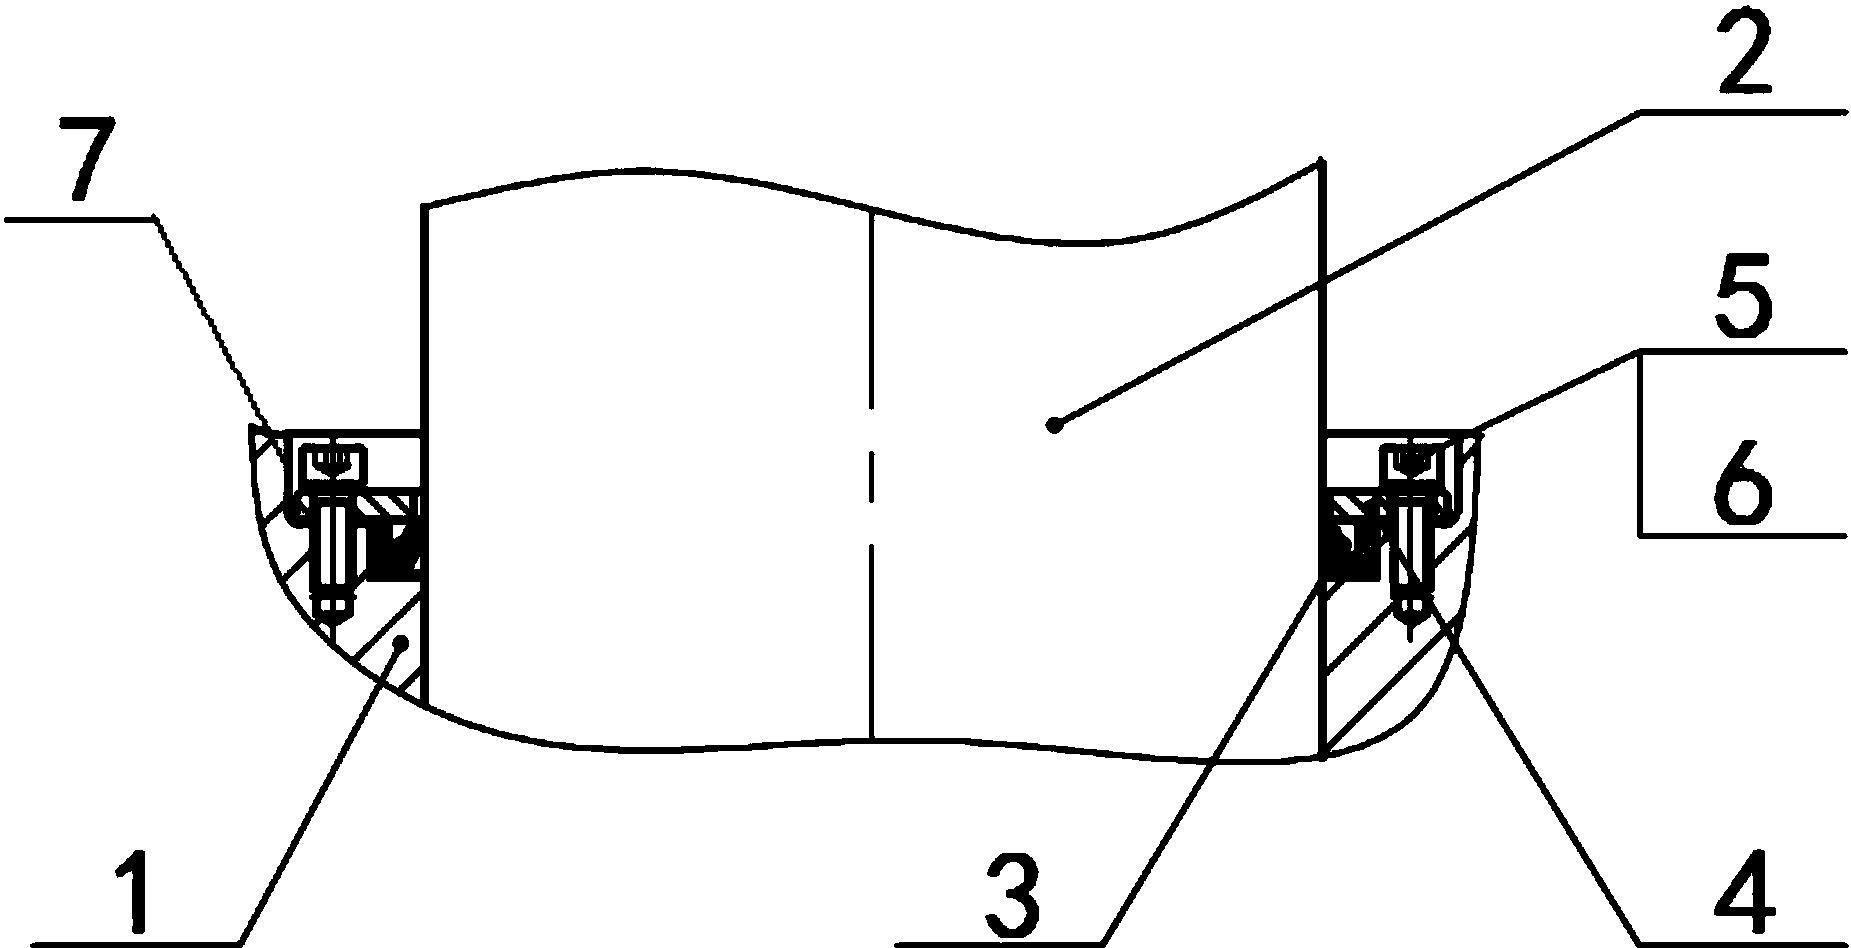 短應力線軋機輥系中下軸承座內嵌式雙重密封結構